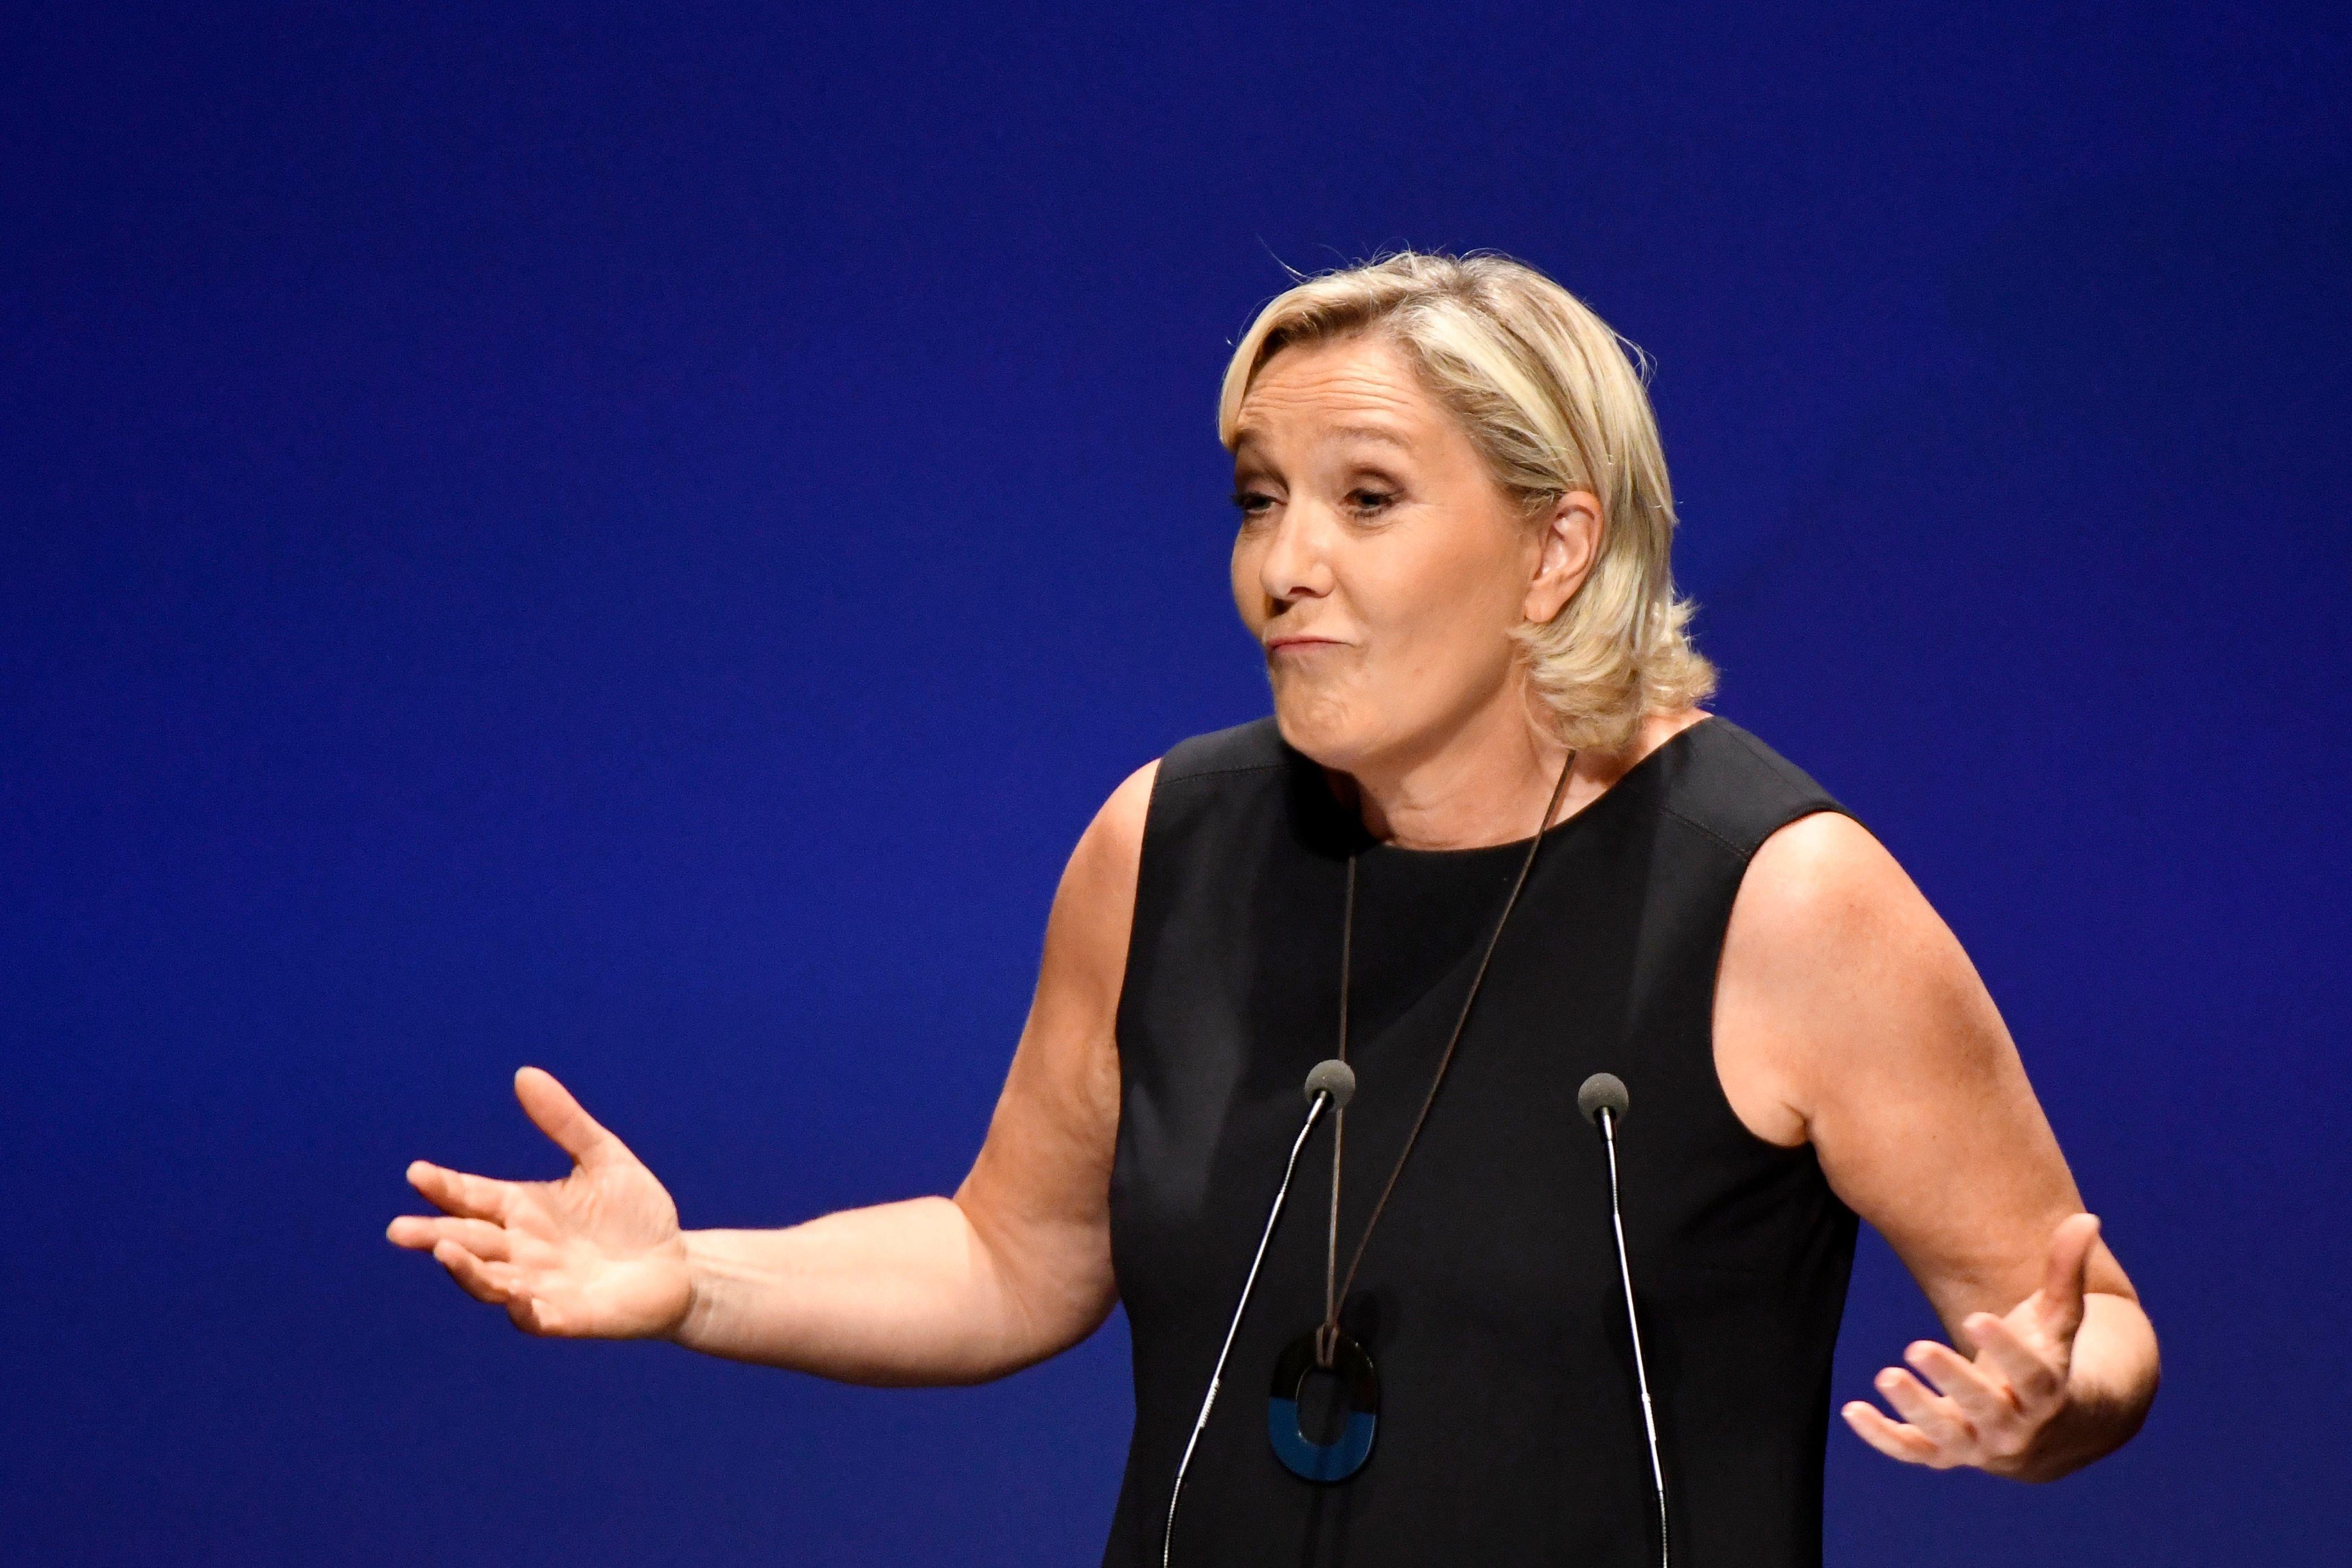 La justice française soumet Marine Le Pen à une expertise psychiatrique, celle-ci